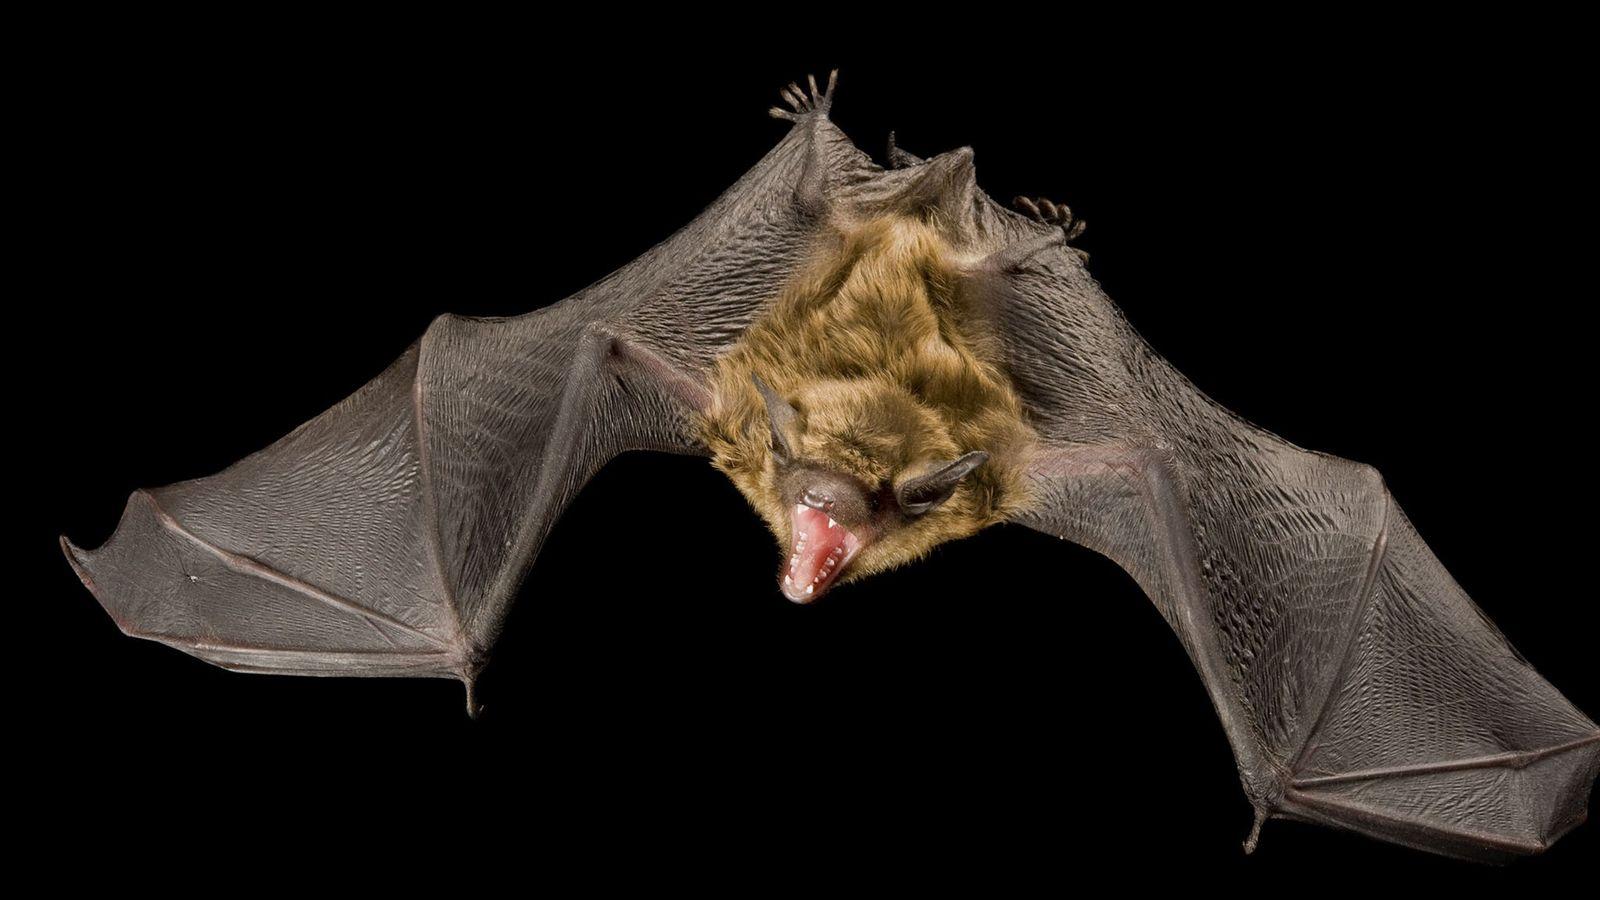 Um morcego castanho grande, Eptesicus fuscus.